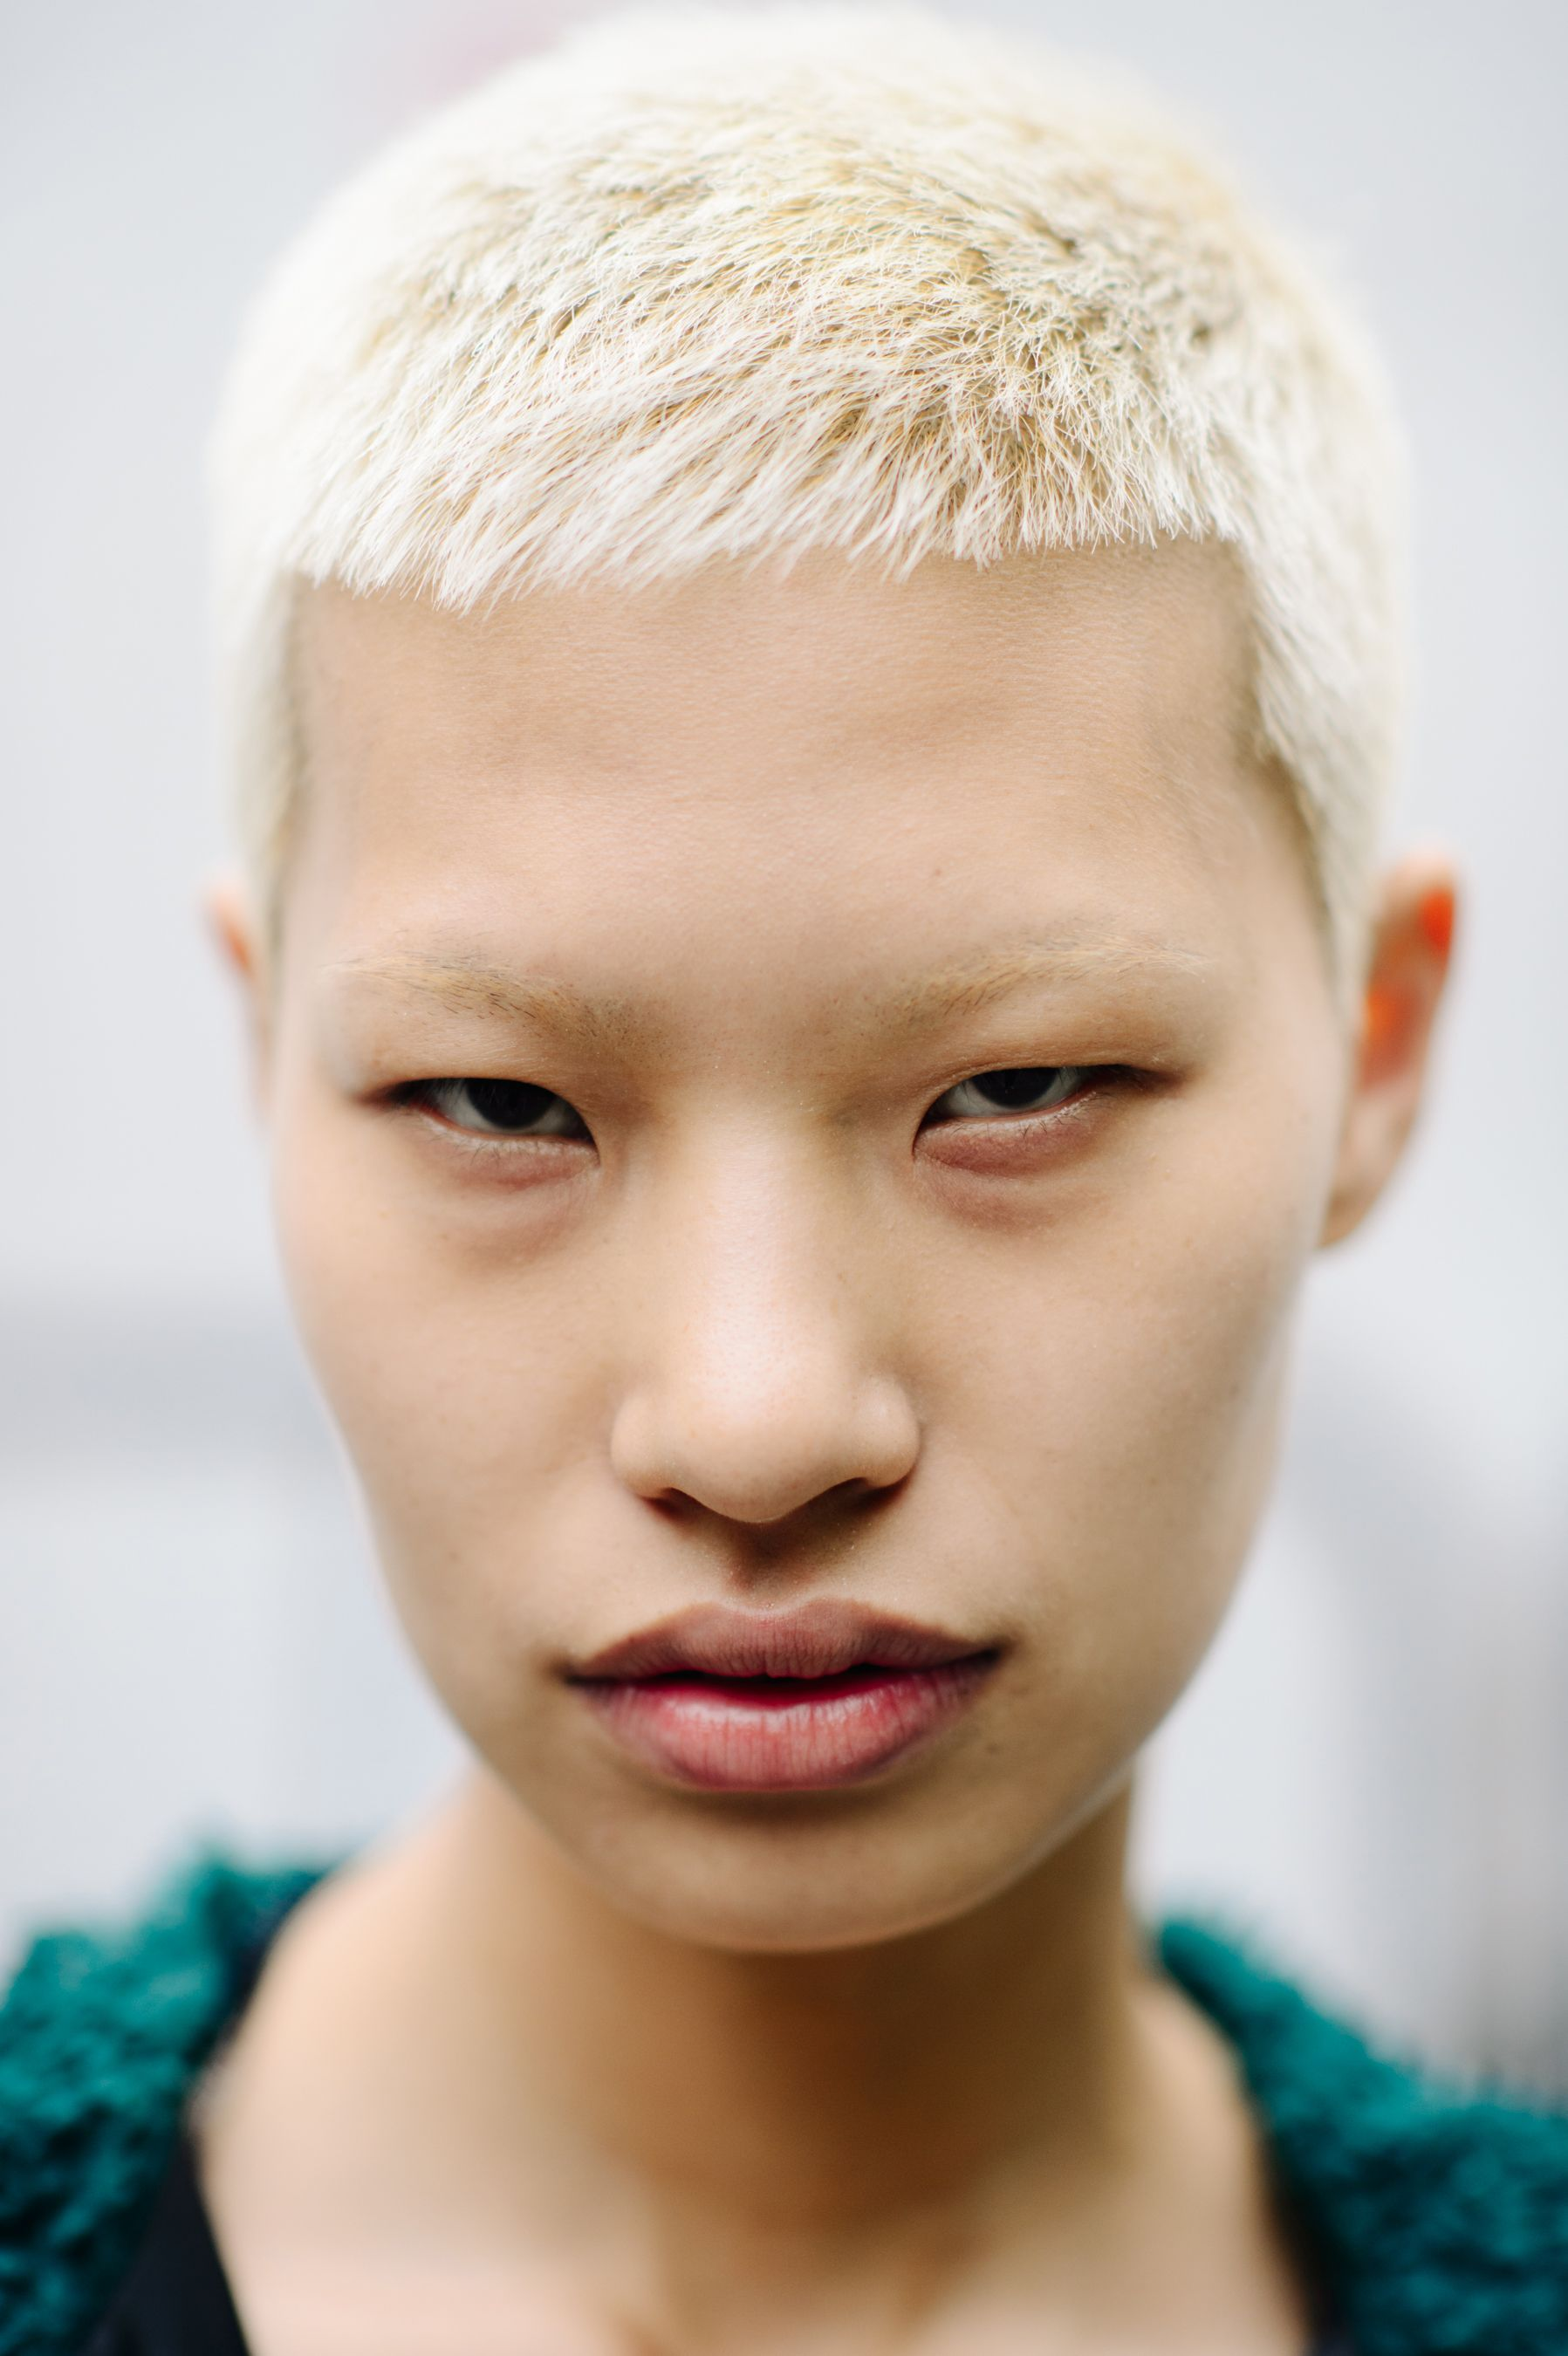 явление природы, азиаты альбиносы фото есть для корректного